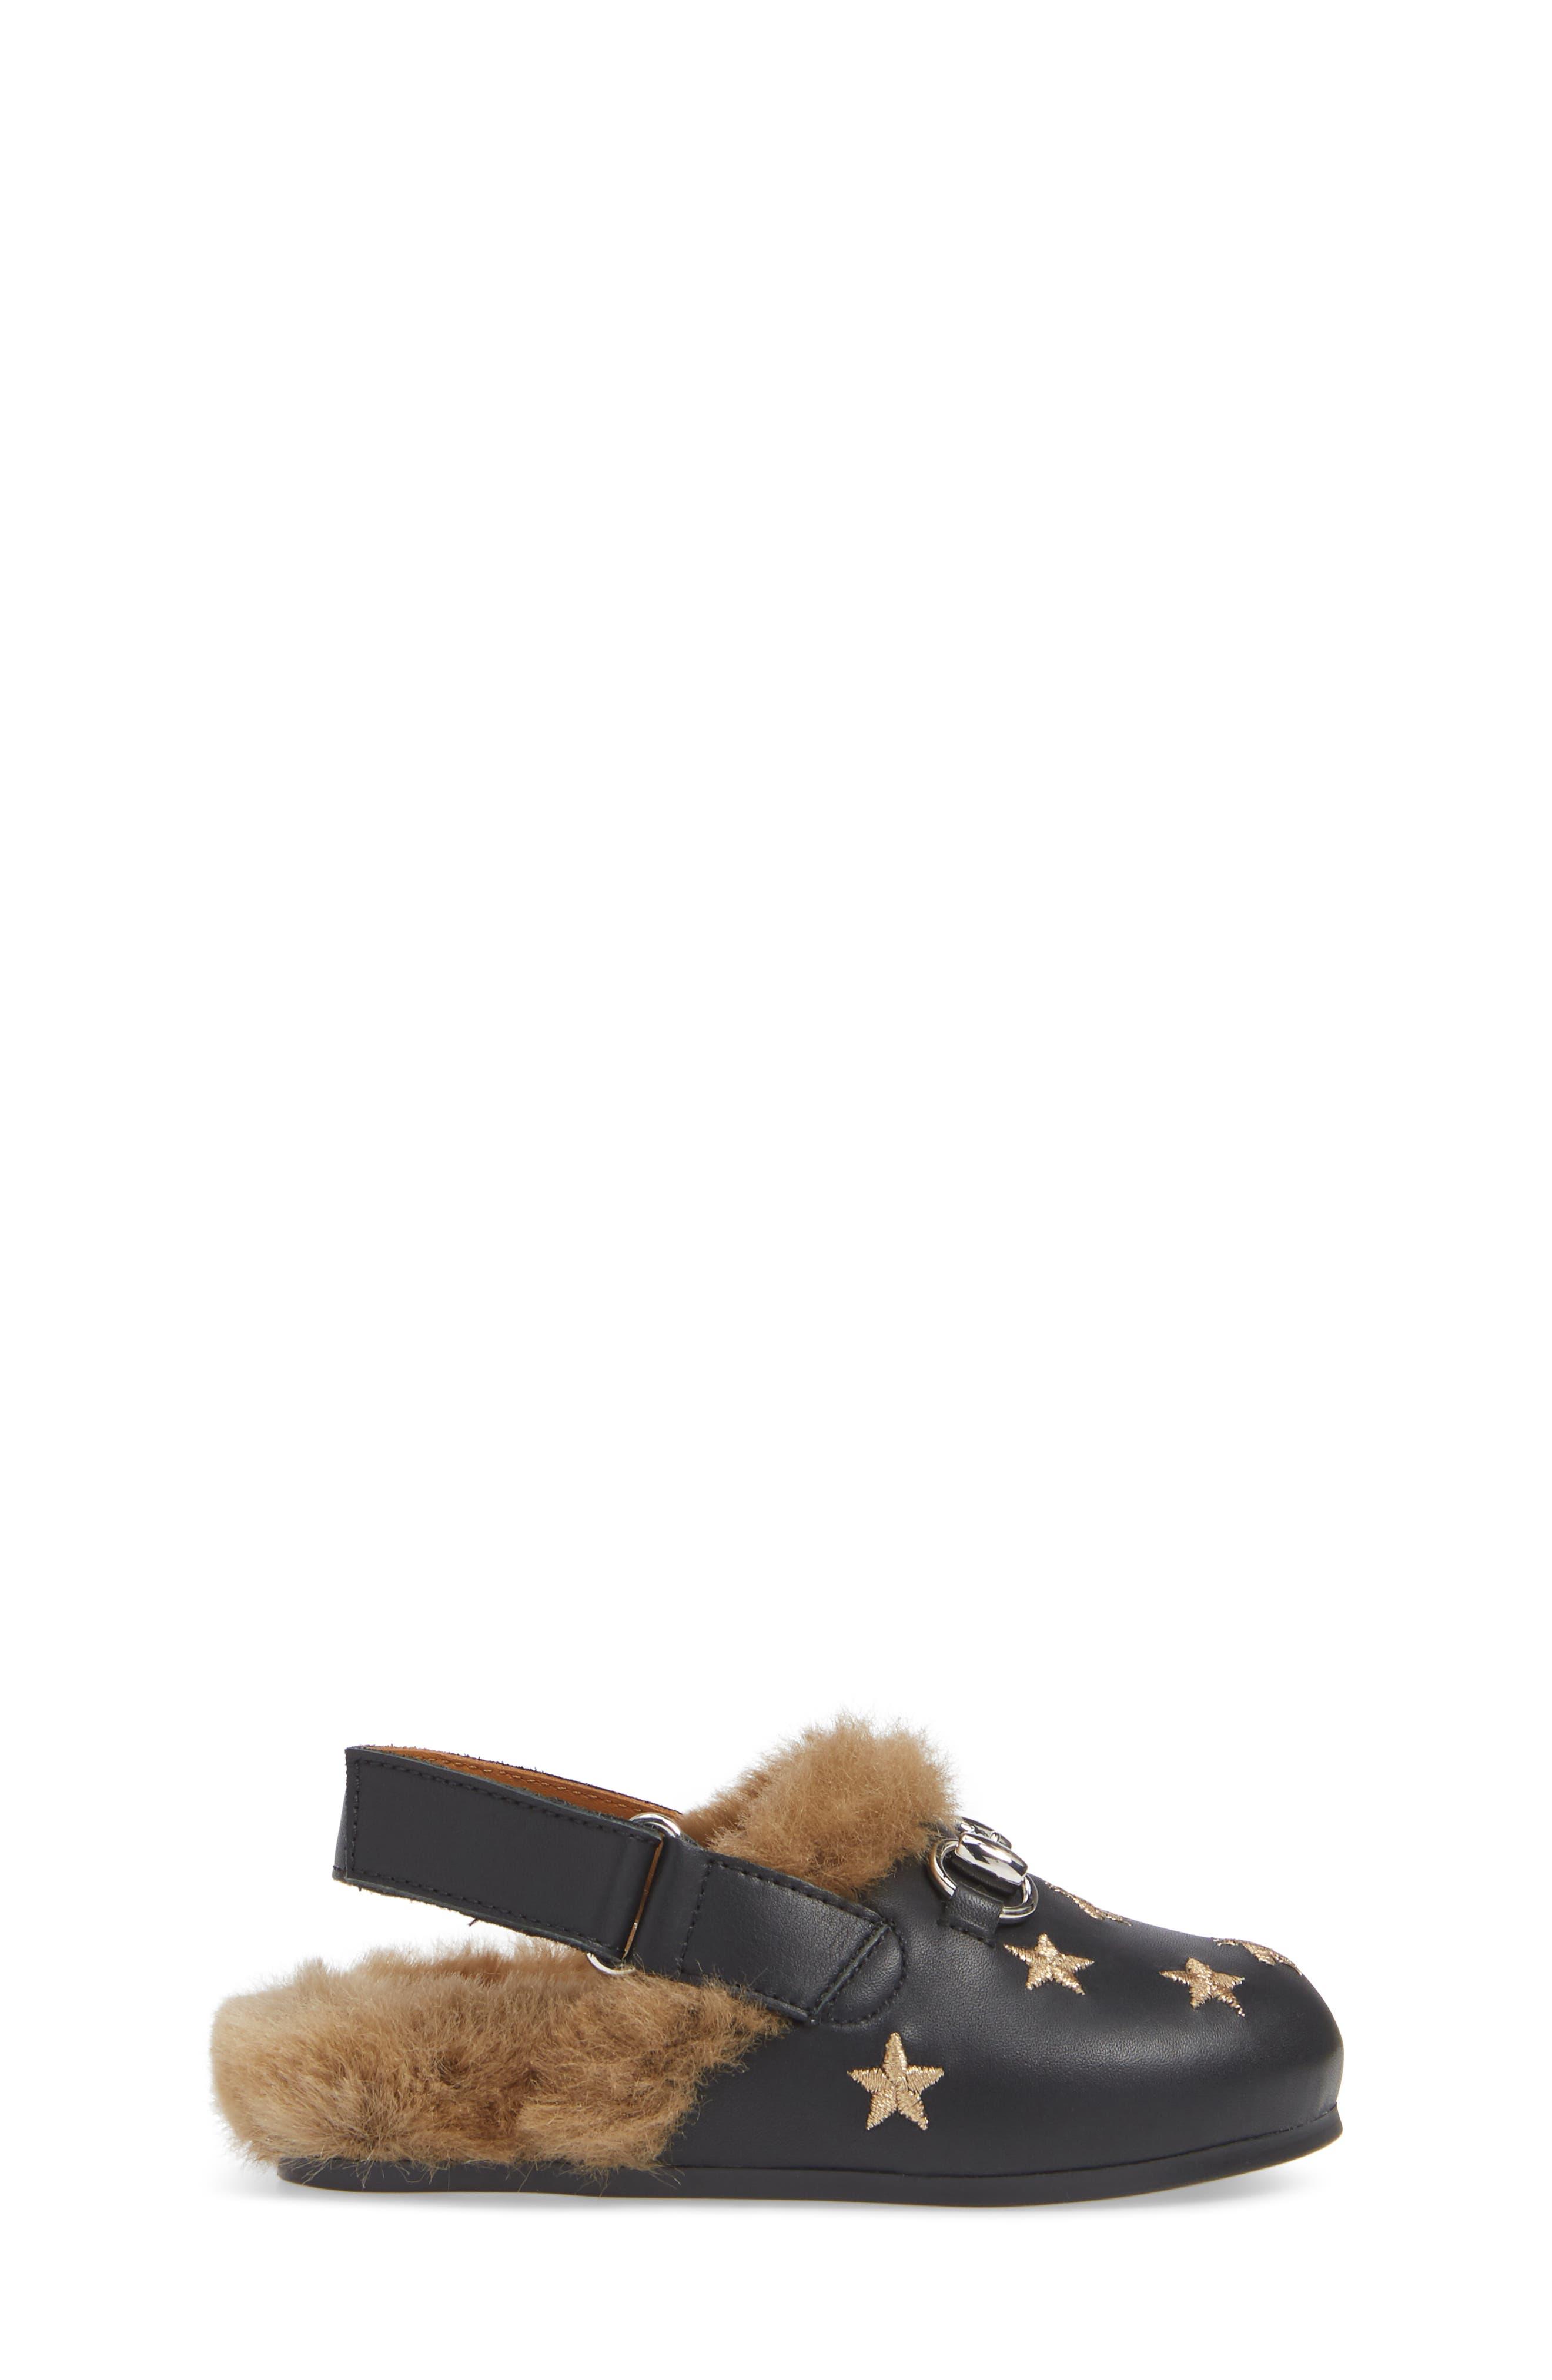 Horsebit Embroidered Sandal,                             Alternate thumbnail 3, color,                             BLACK/GOLD STARS